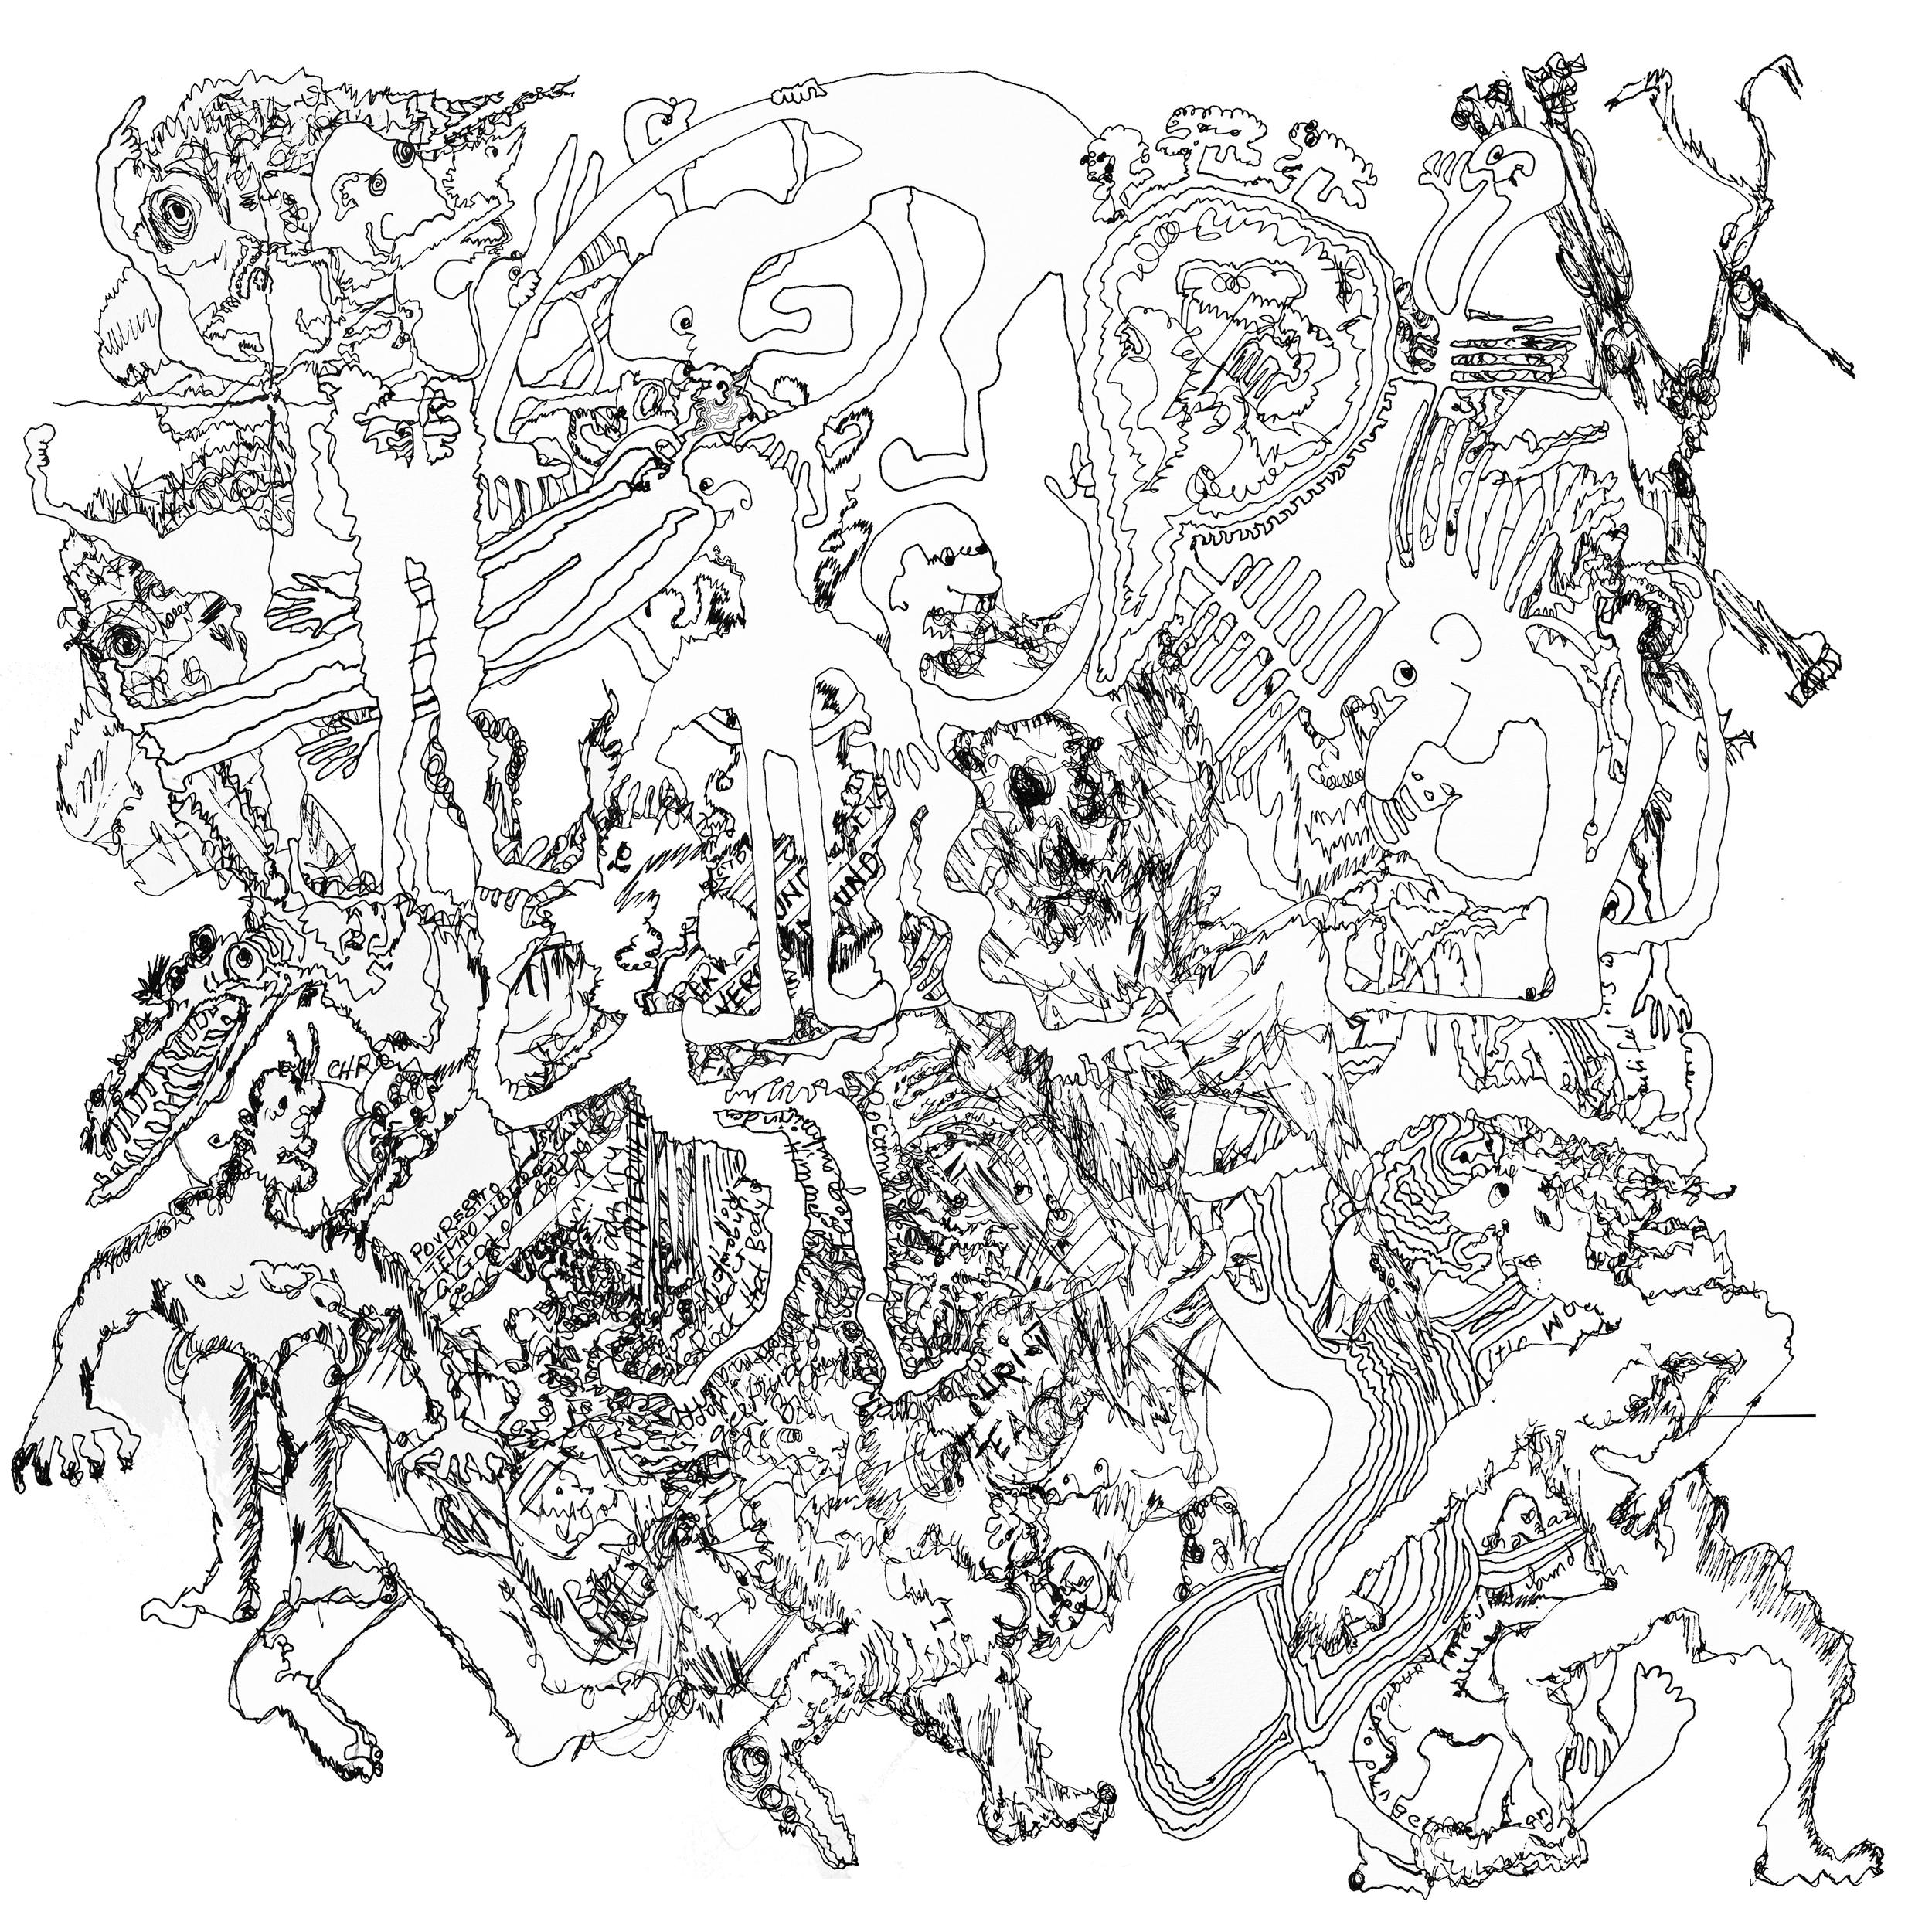 08_Zeichnung 14.09.10.jpg